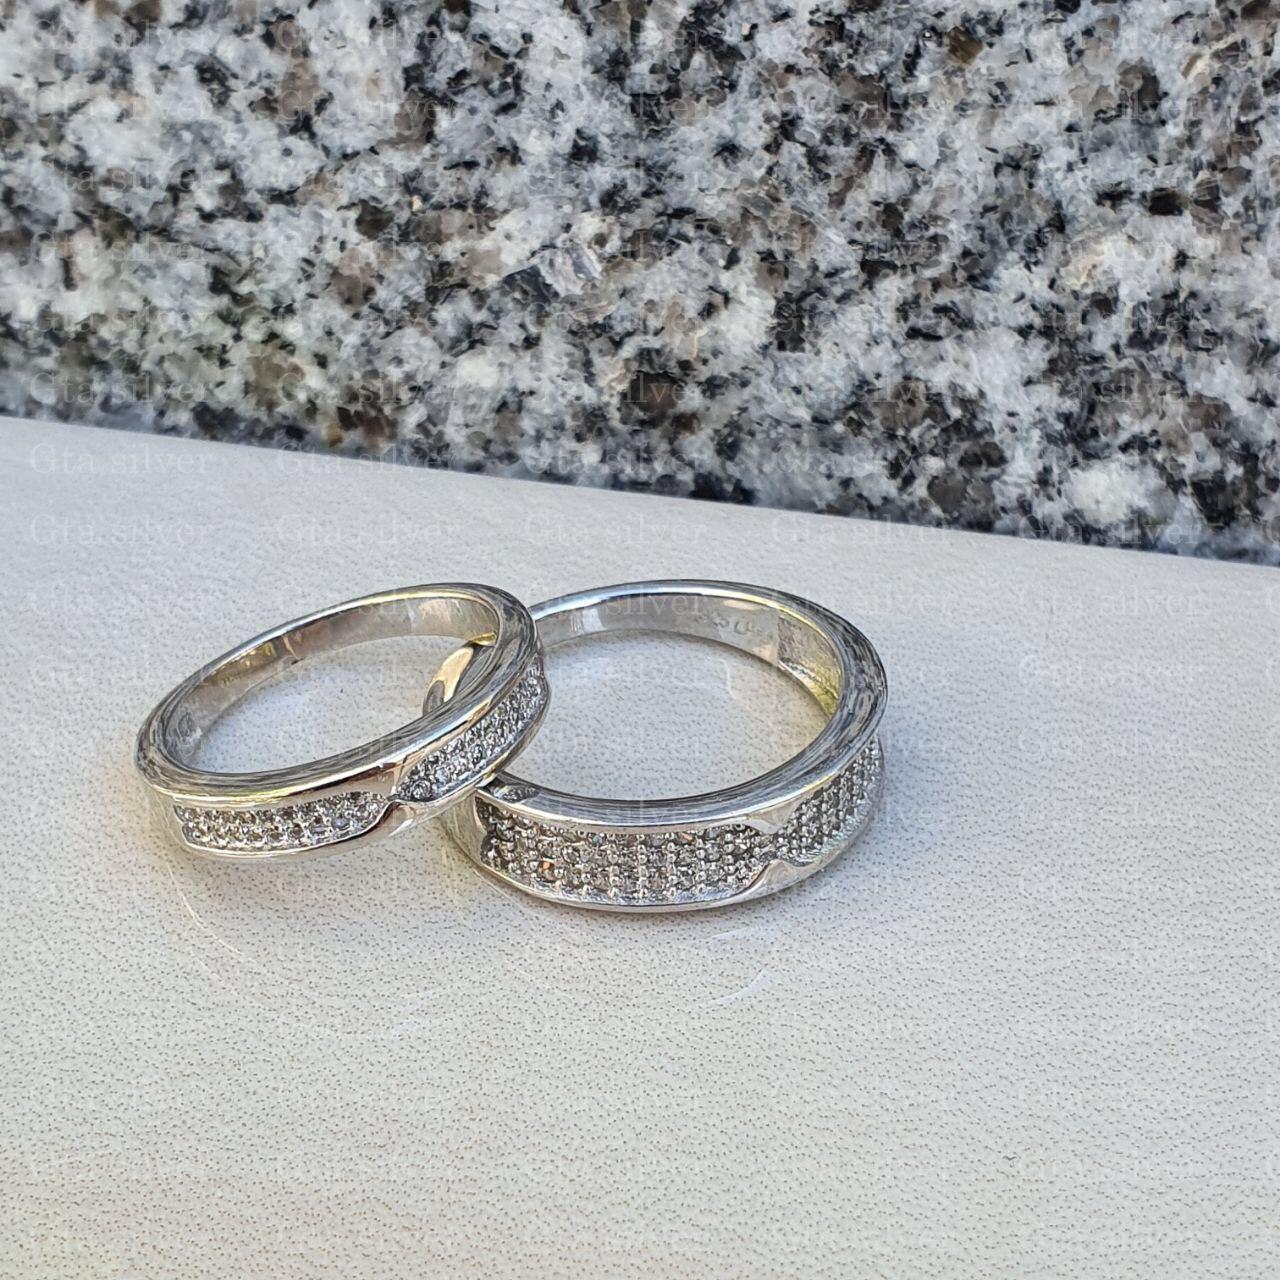 ست حلقه ازدواج وزن 8.5 گرم مدل 3